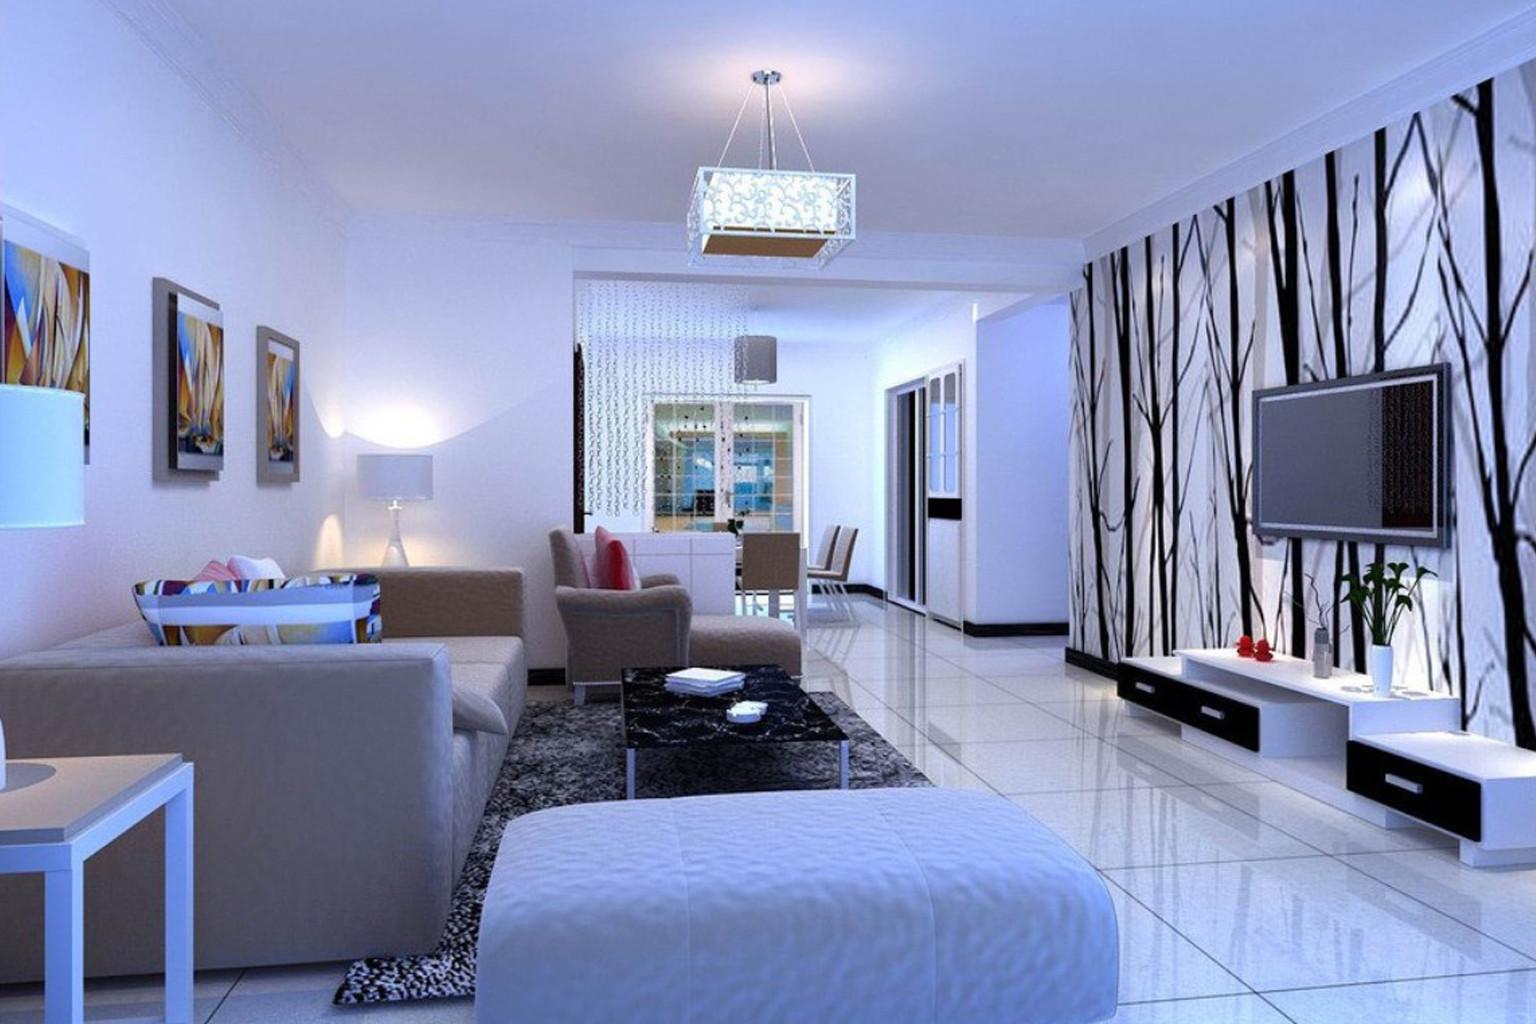 Trang trí phòng khách hợp mệnh với tông màu trắng chủ đạo và đồ nội thất màu xanh